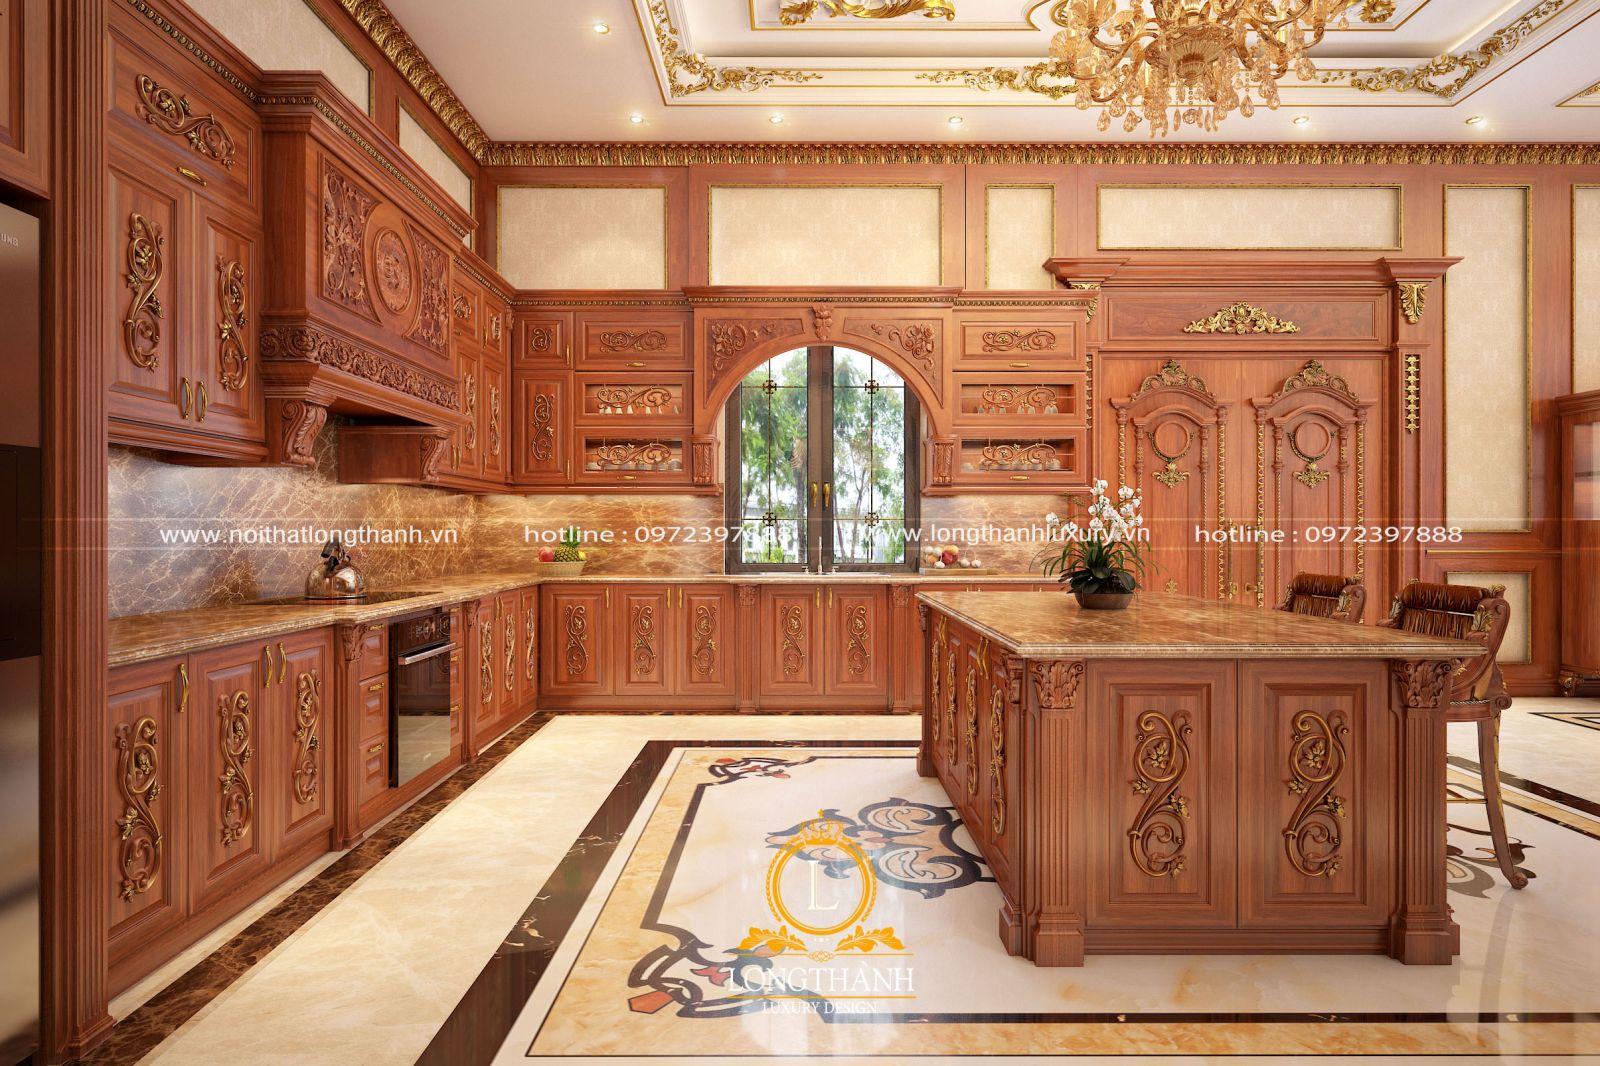 Chiều cao bàn đảo bếp bằng chiều cao tầng dưới bộ tủ bếp